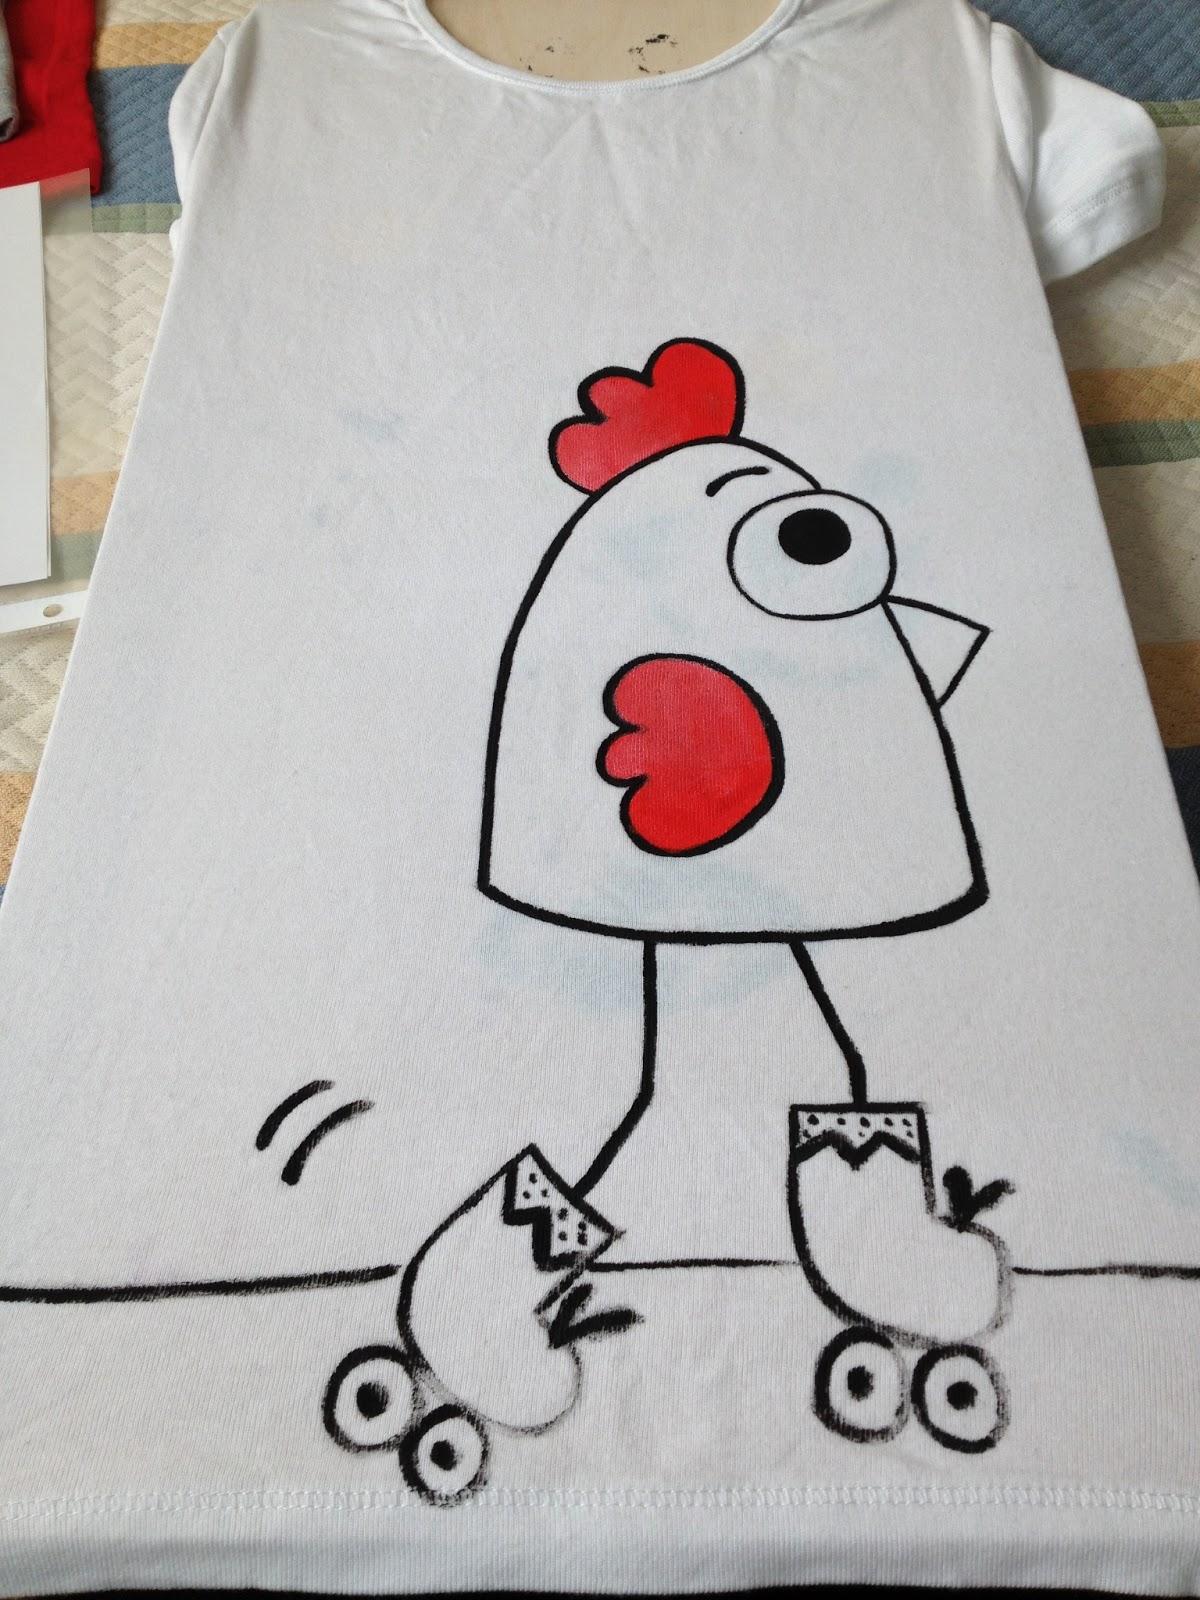 Blog de complementos decoraci n y textil hechos a mano - Plantillas para pintar camisetas ...